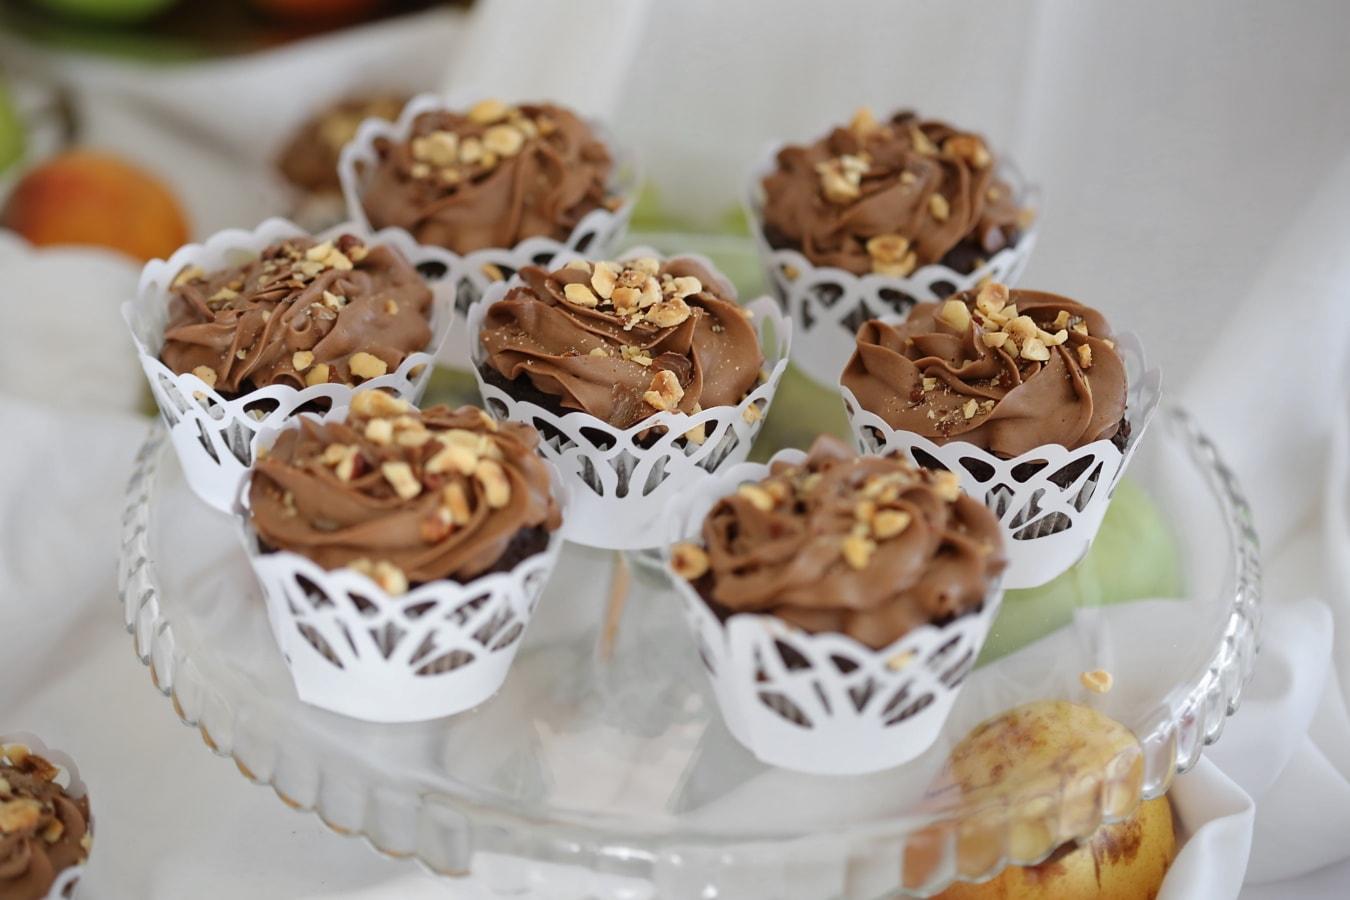 maison, brun clair, petit gateau, le petit déjeuner, chocolat, alimentaire, doux, délicieux, repas, dessert